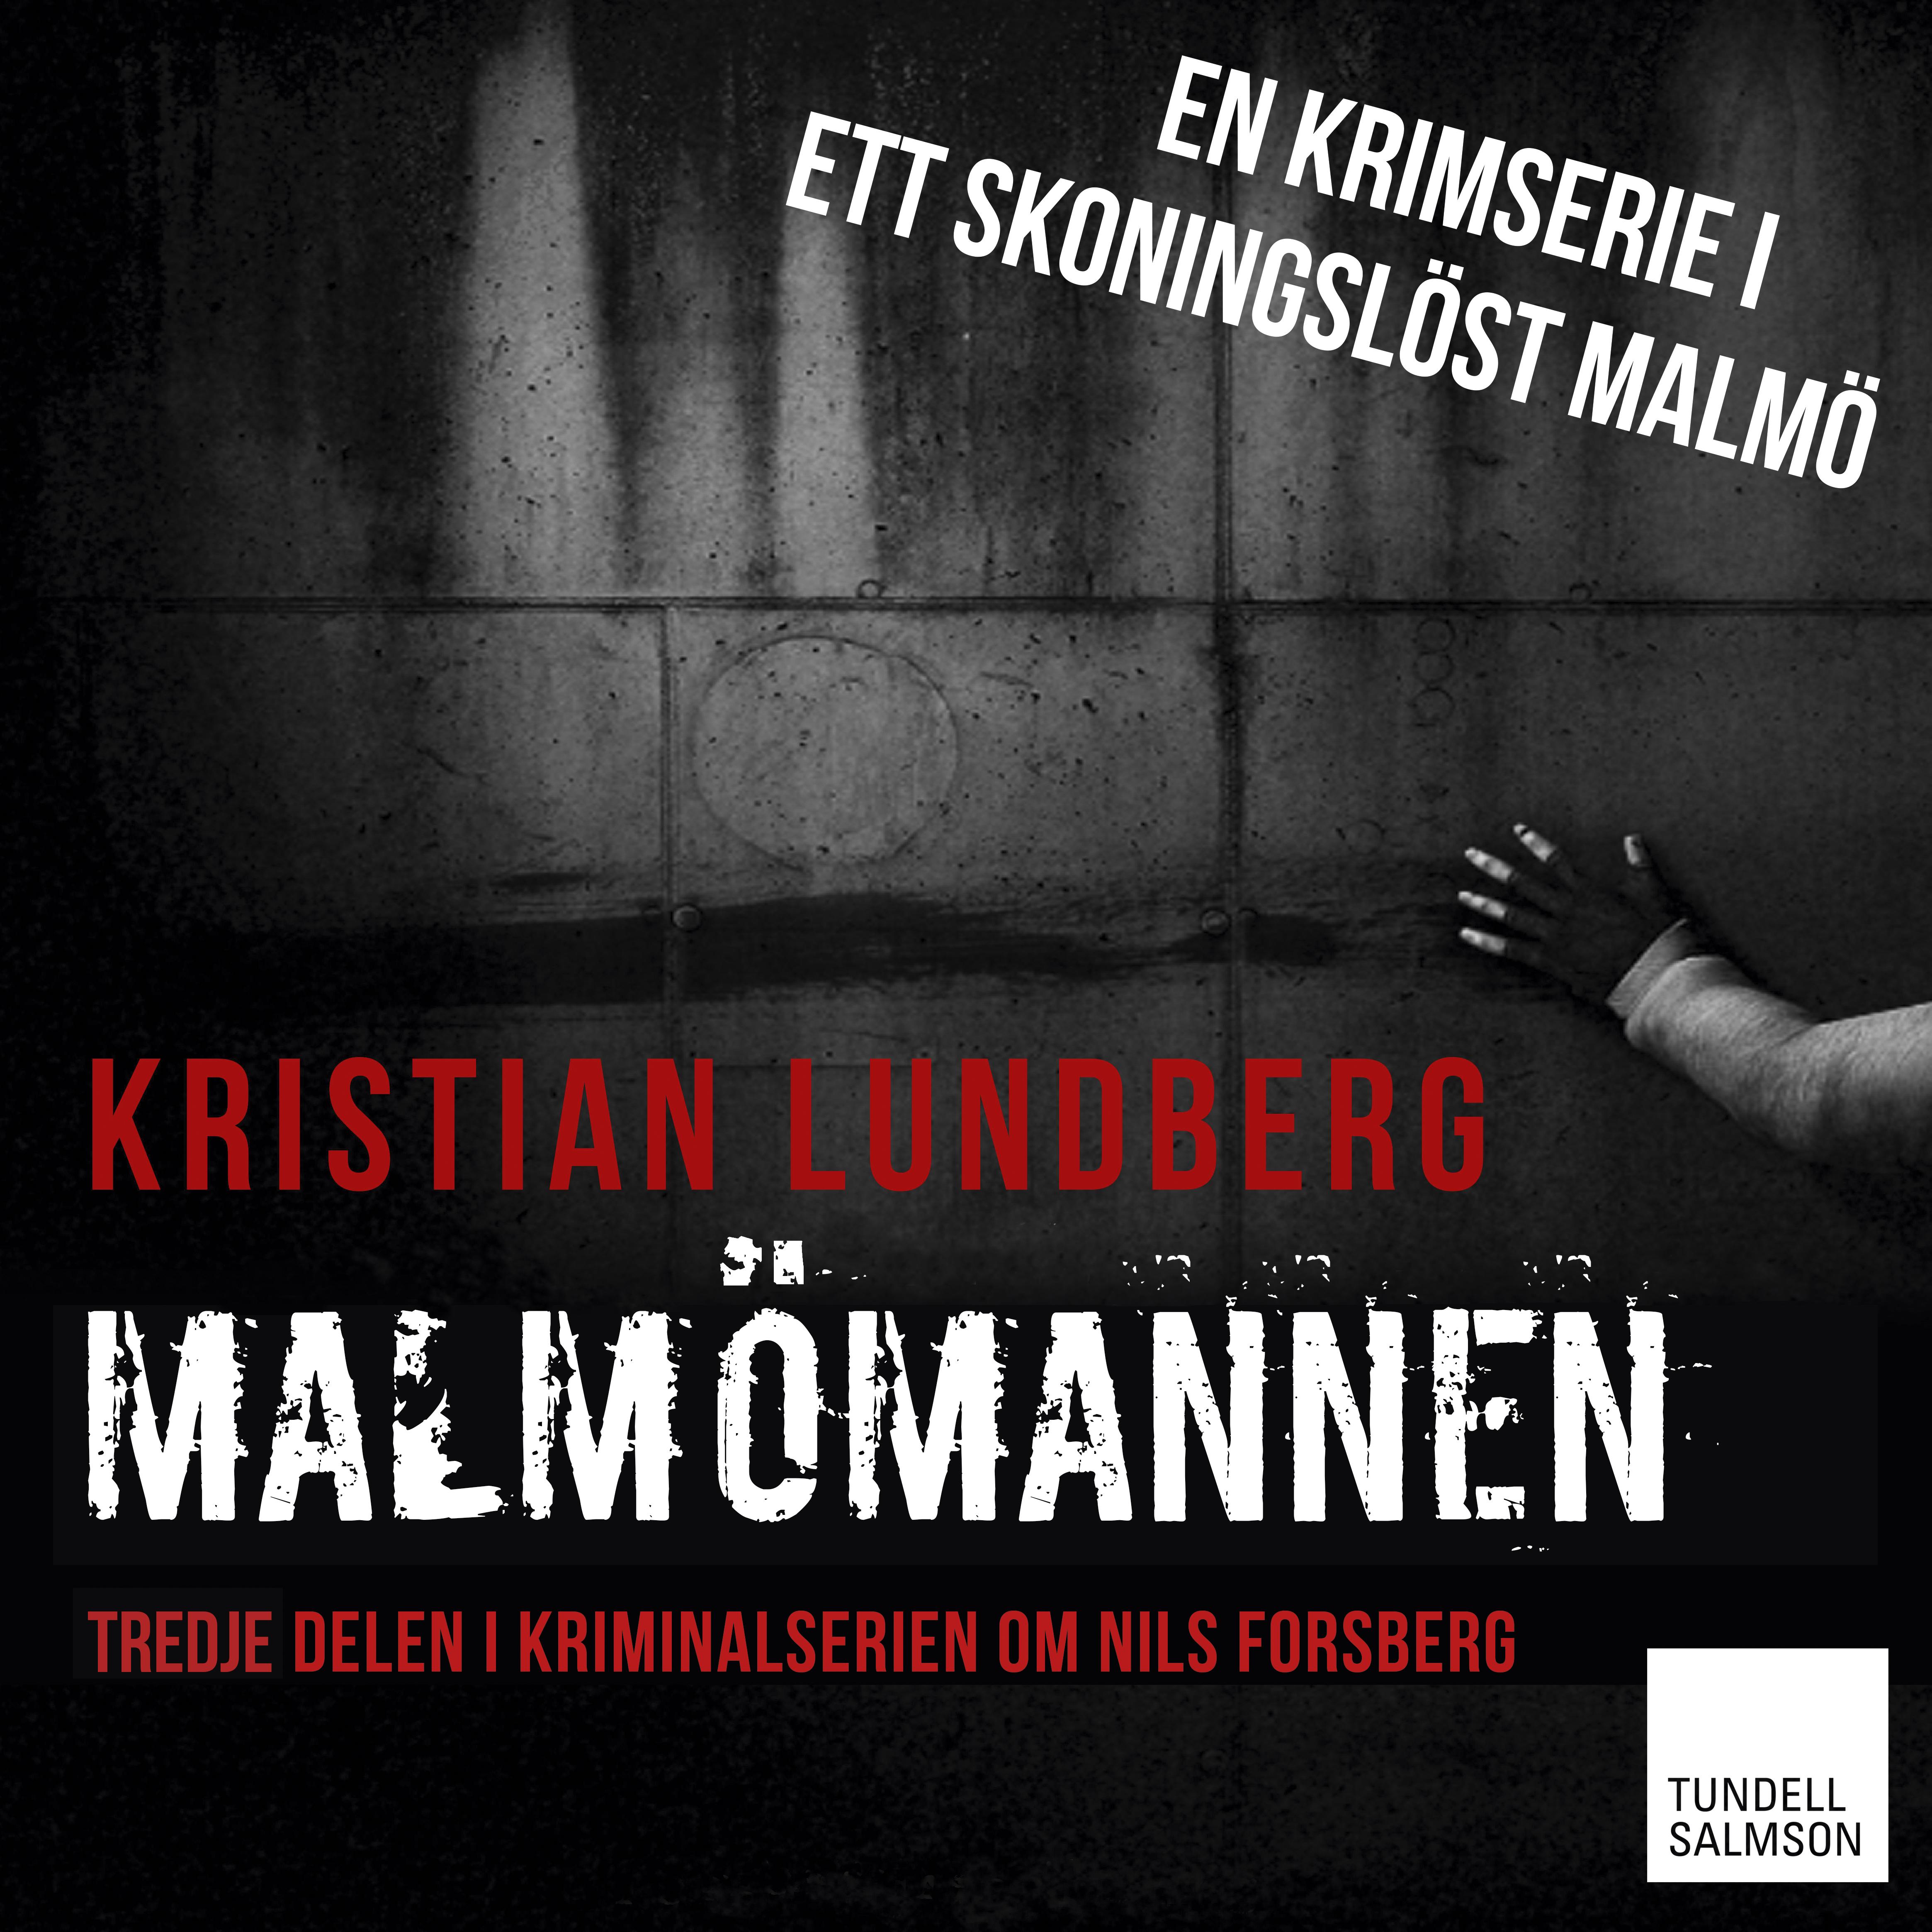 Malmömannen av Kristian Lundberg